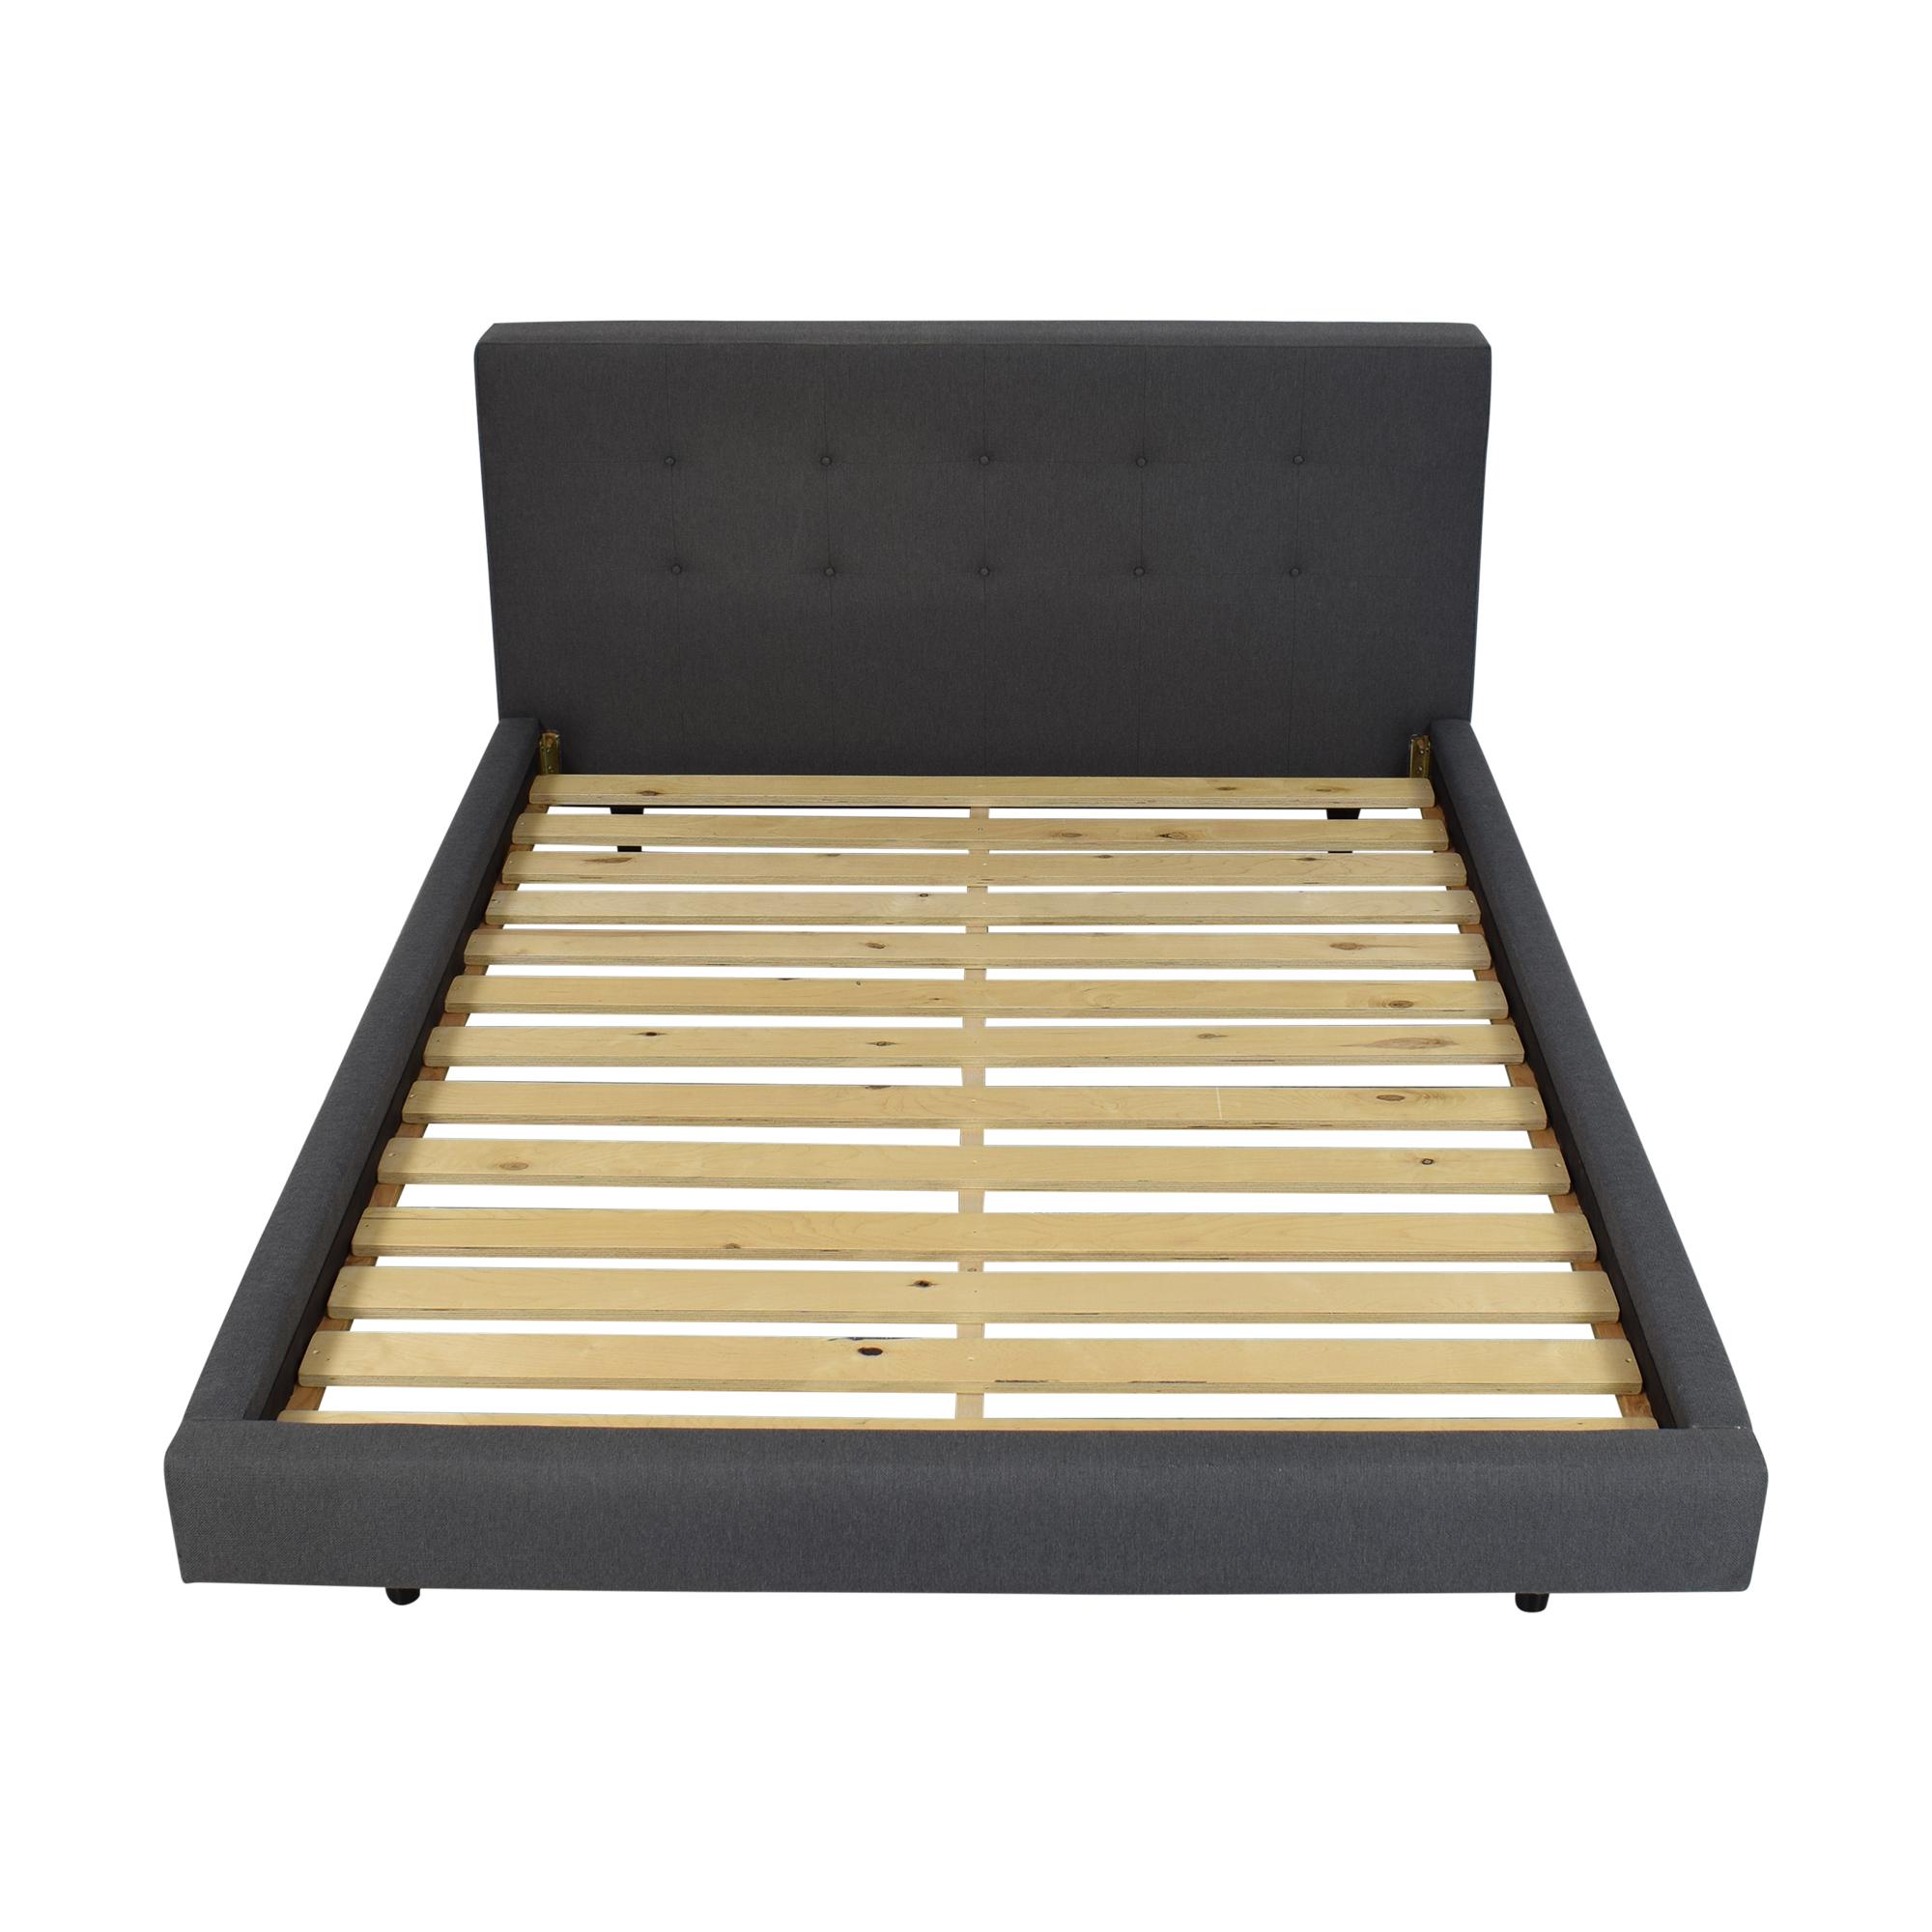 buy Crate & Barrel Tate Queen Bed Crate & Barrel Beds